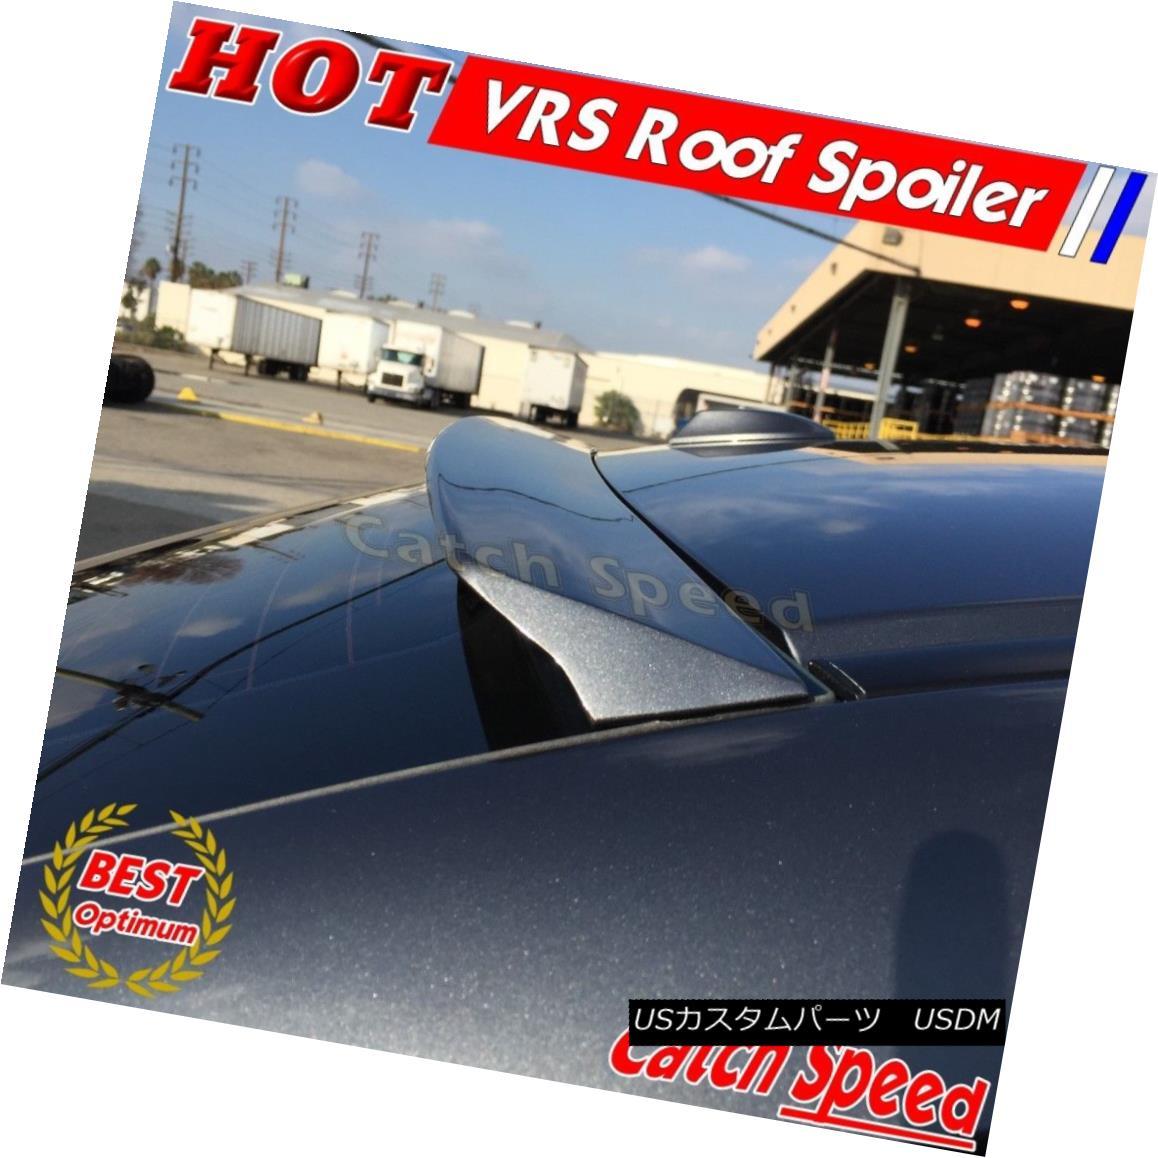 エアロパーツ Flat Black VRS Type Rear Roof Spoiler Wing For NISSAN TEANA II J32 2009-14 Sedan 日産TEANA II用フラットブラックVRSタイプリアルーフスポイラーウイングJ32 2009-14セダン